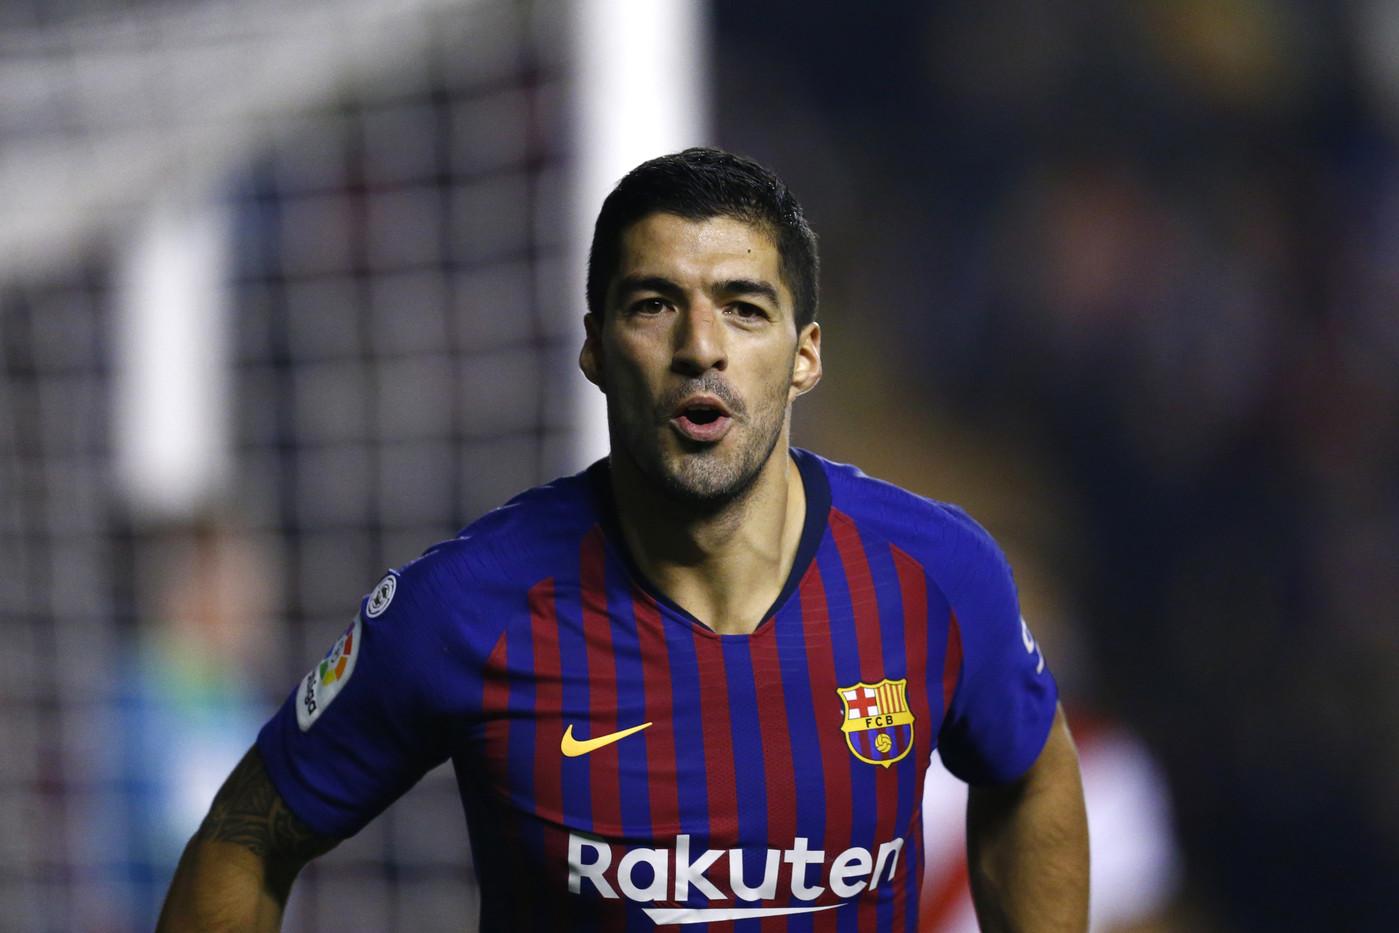 L-attaquant-uruguayen-FC-Barcelone-Luis-Suarez-vient-marquer-contre-Rayo-Vallecano-Championnat-Espaqne-3-novembre-2018-Madrid_0_1399_933jpg